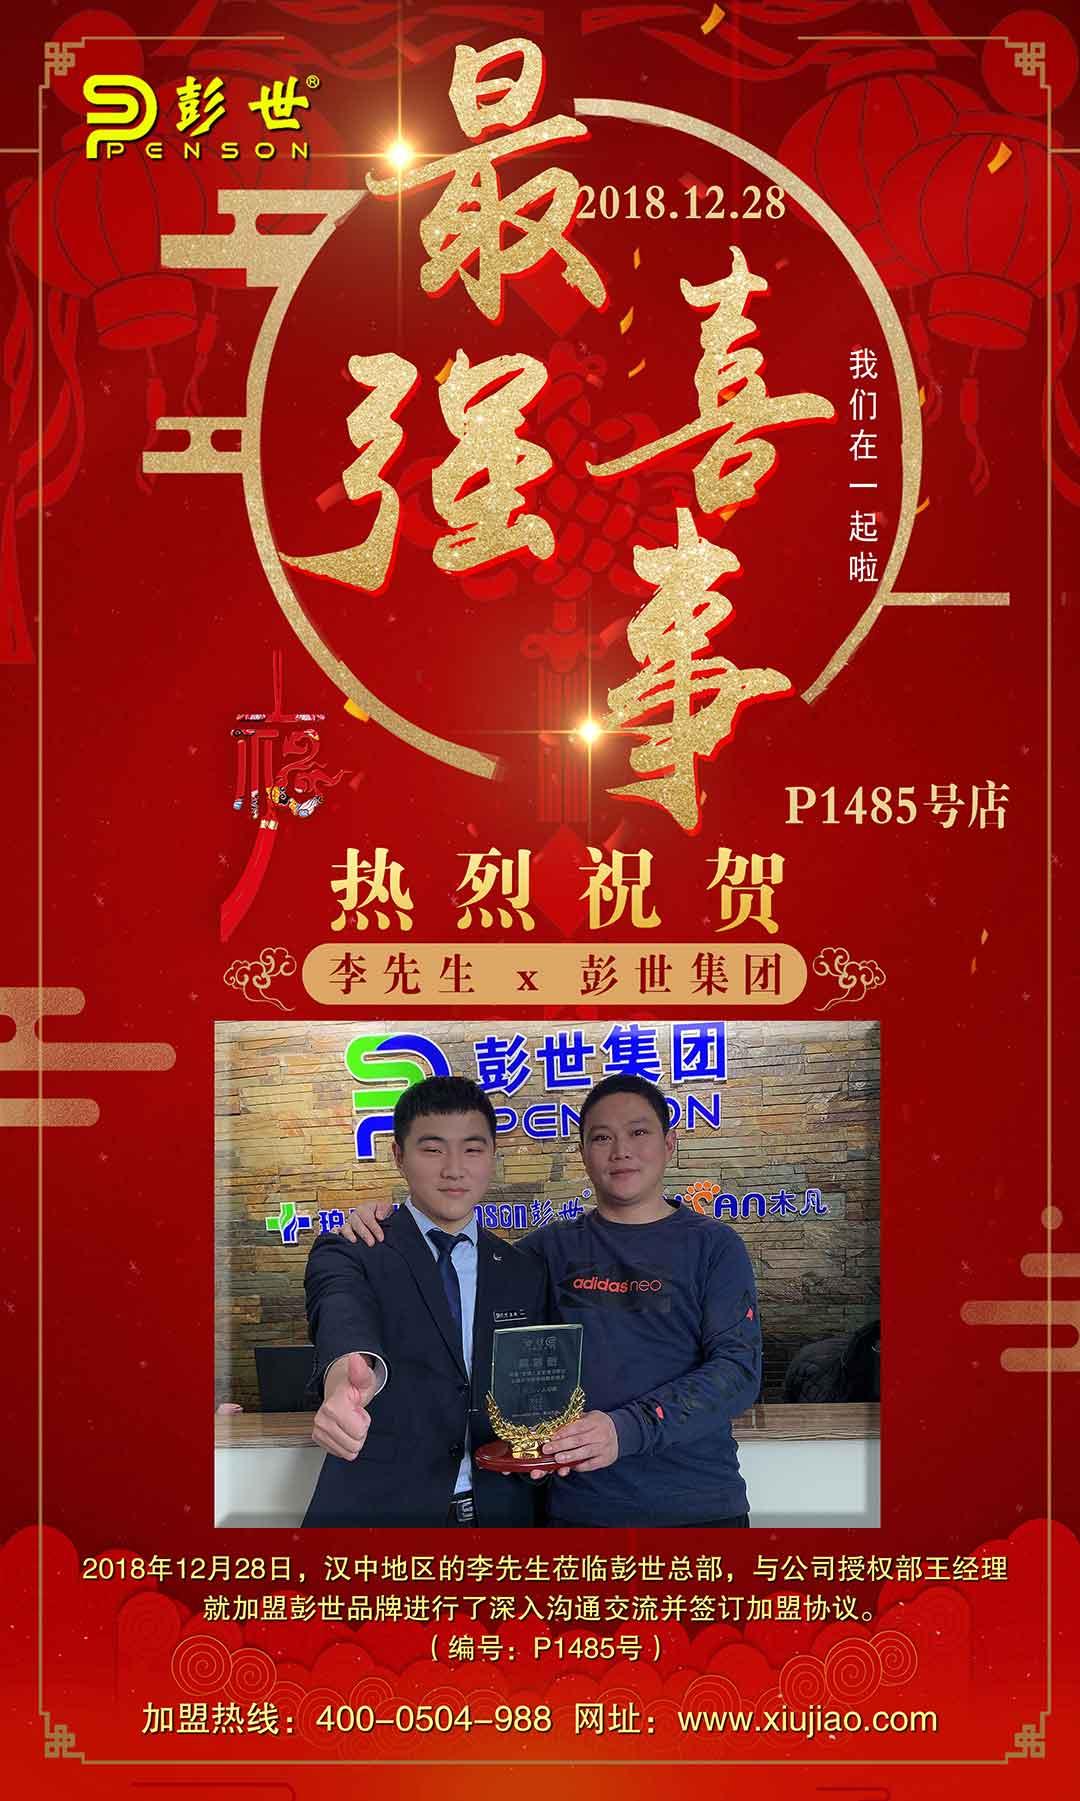 恭喜李先生成功签约汉中地区彭世修脚加盟店